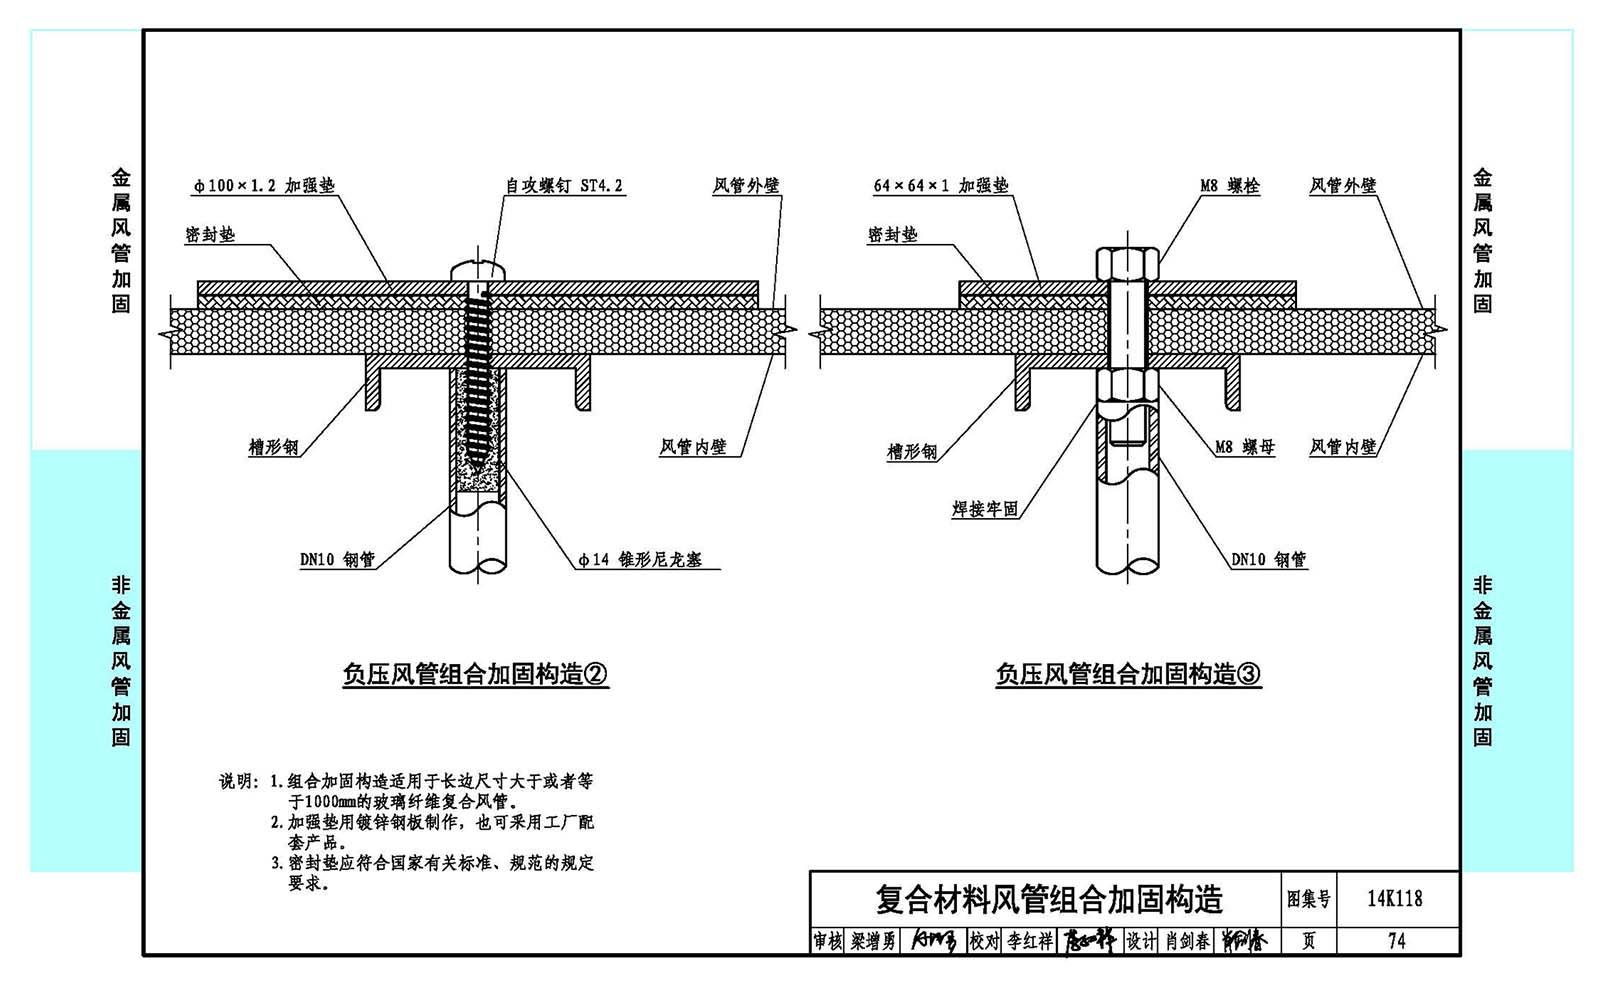 空调通风管道的加固-标准相与国家设计网8810;的风水易学融室内设计建筑amp&;图片